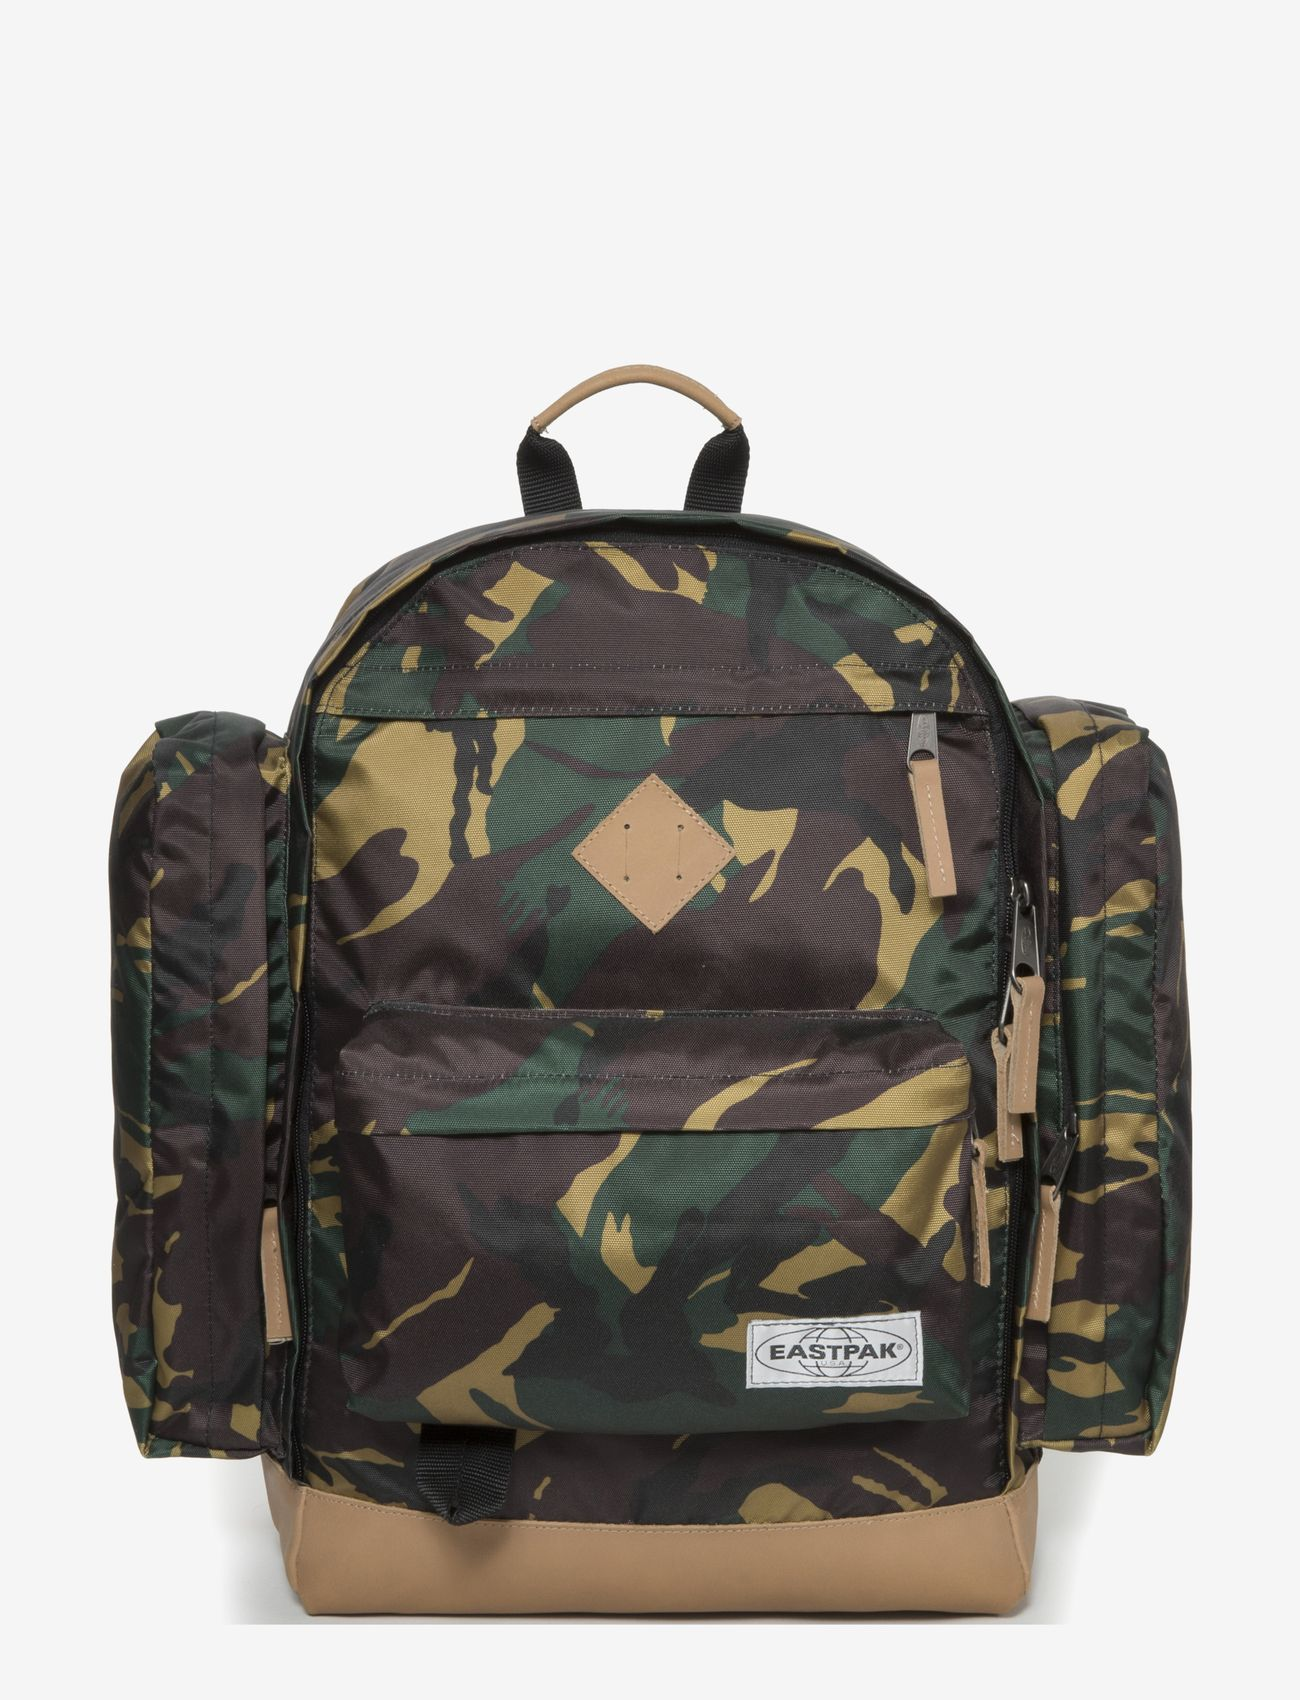 Eastpak - KILLINGTON - backpacks - into camo